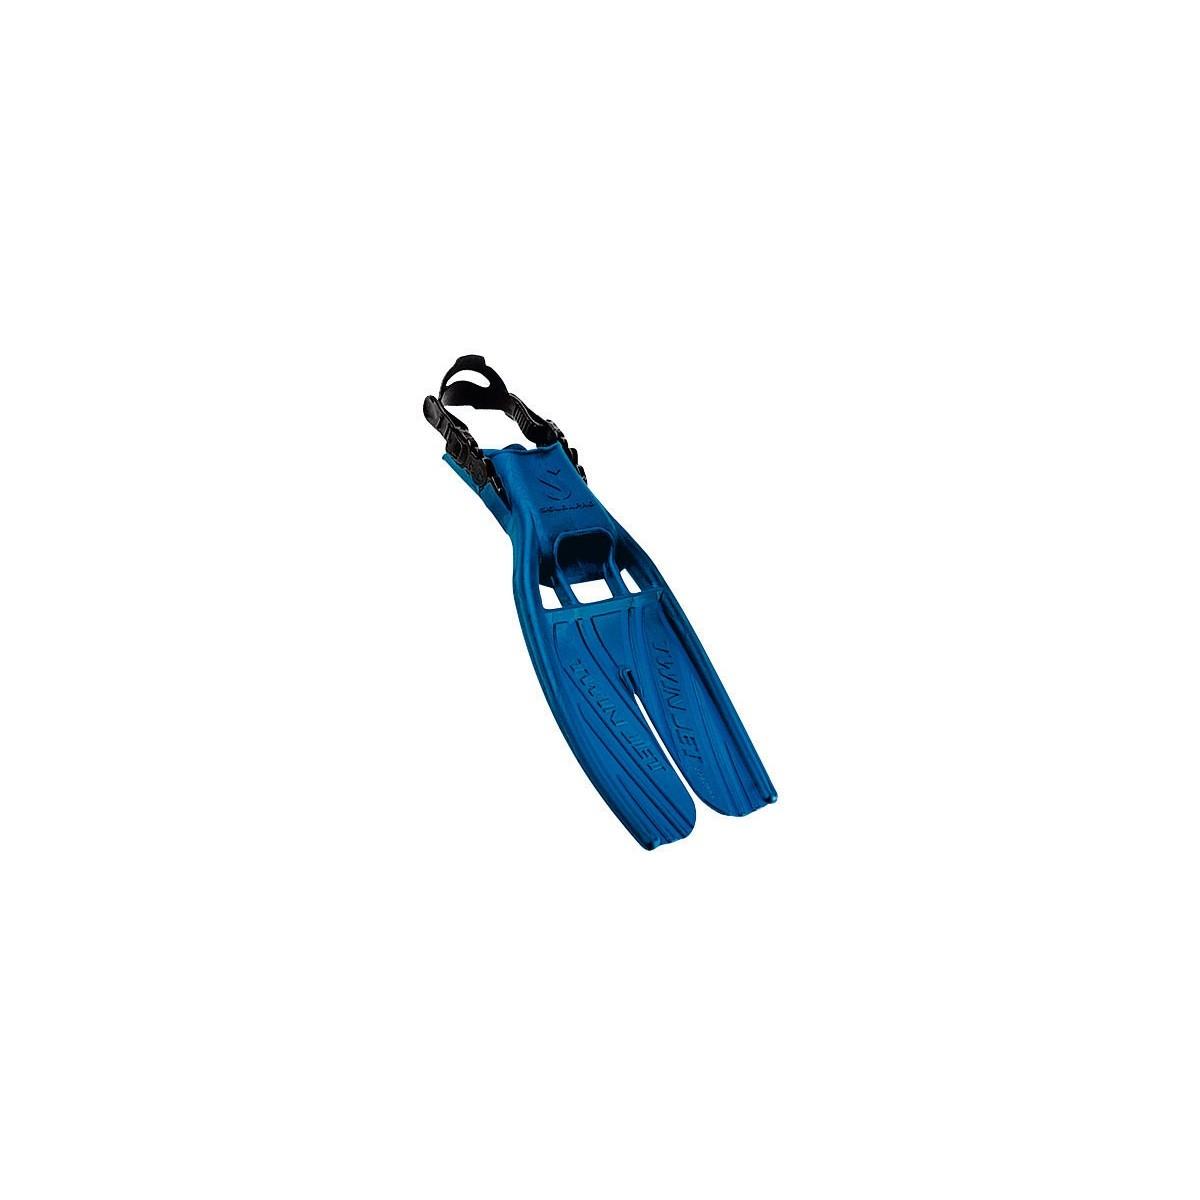 Scubapro Twin Jet Split Blade Open Heel Diving Fins